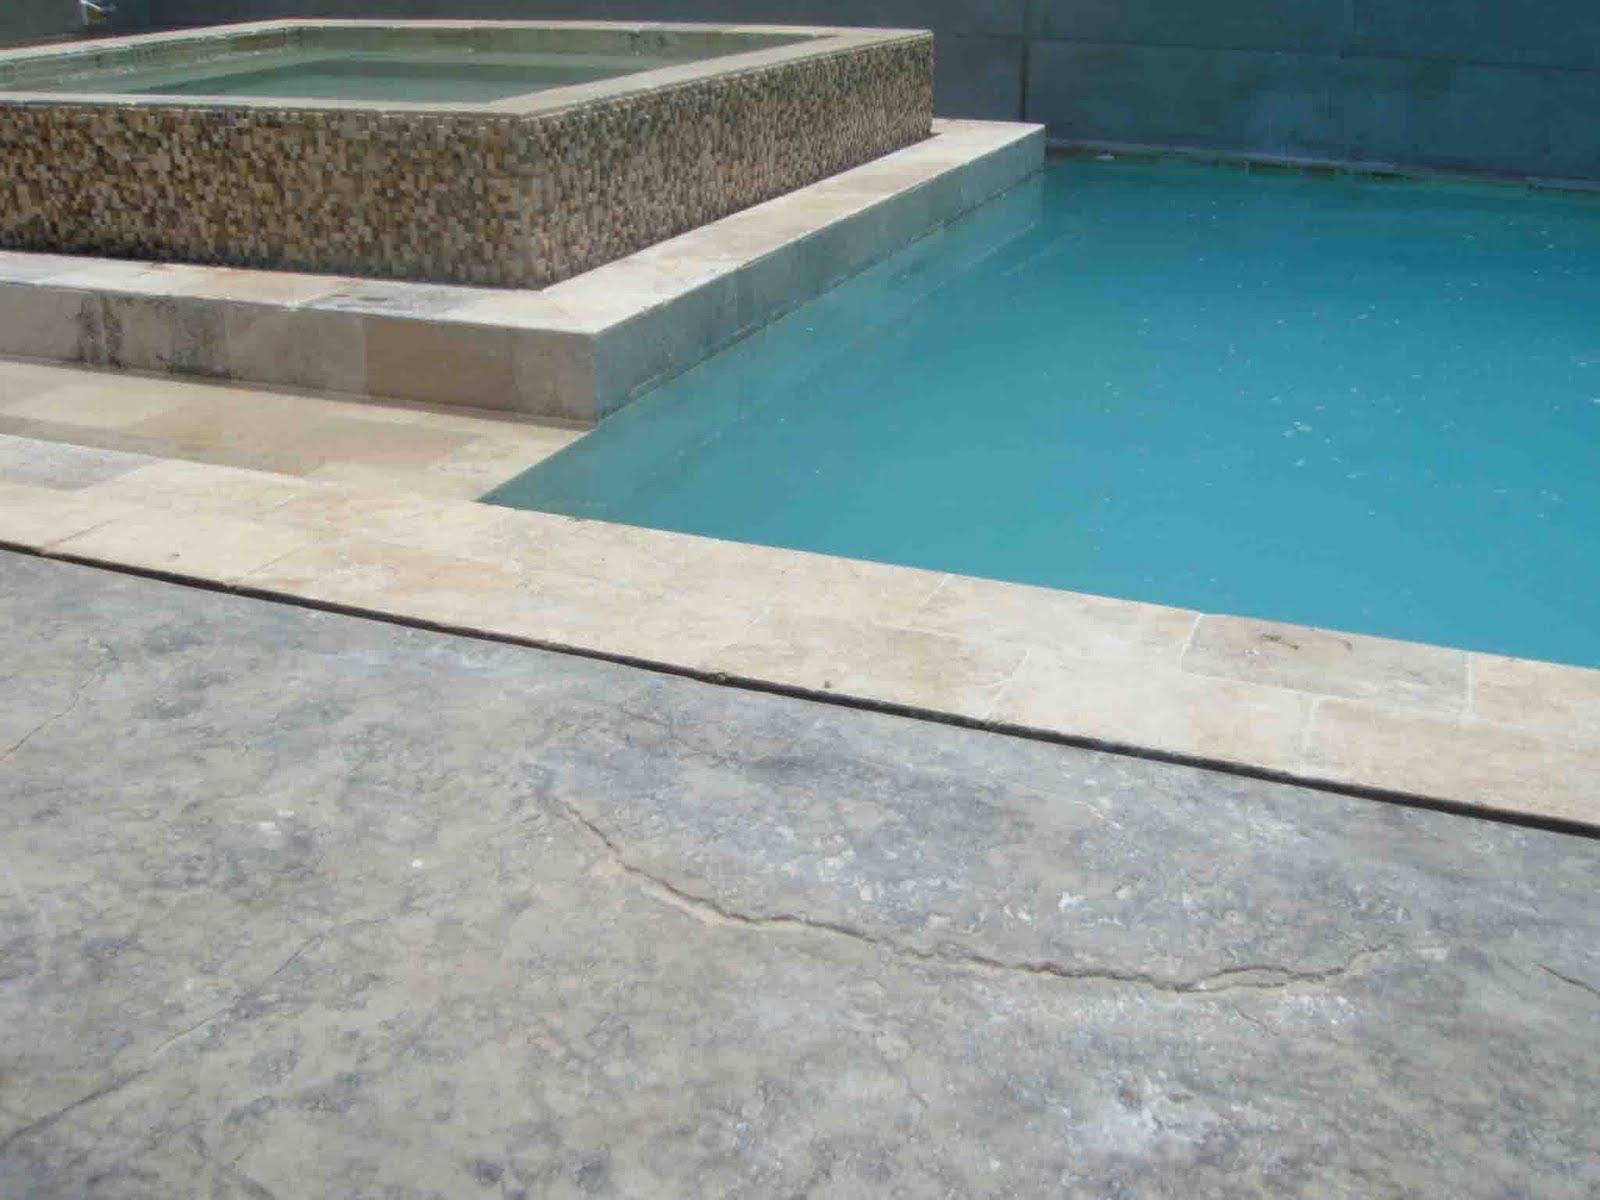 Increte per systems piscina con terraza de concreto - Cemento para piscinas ...